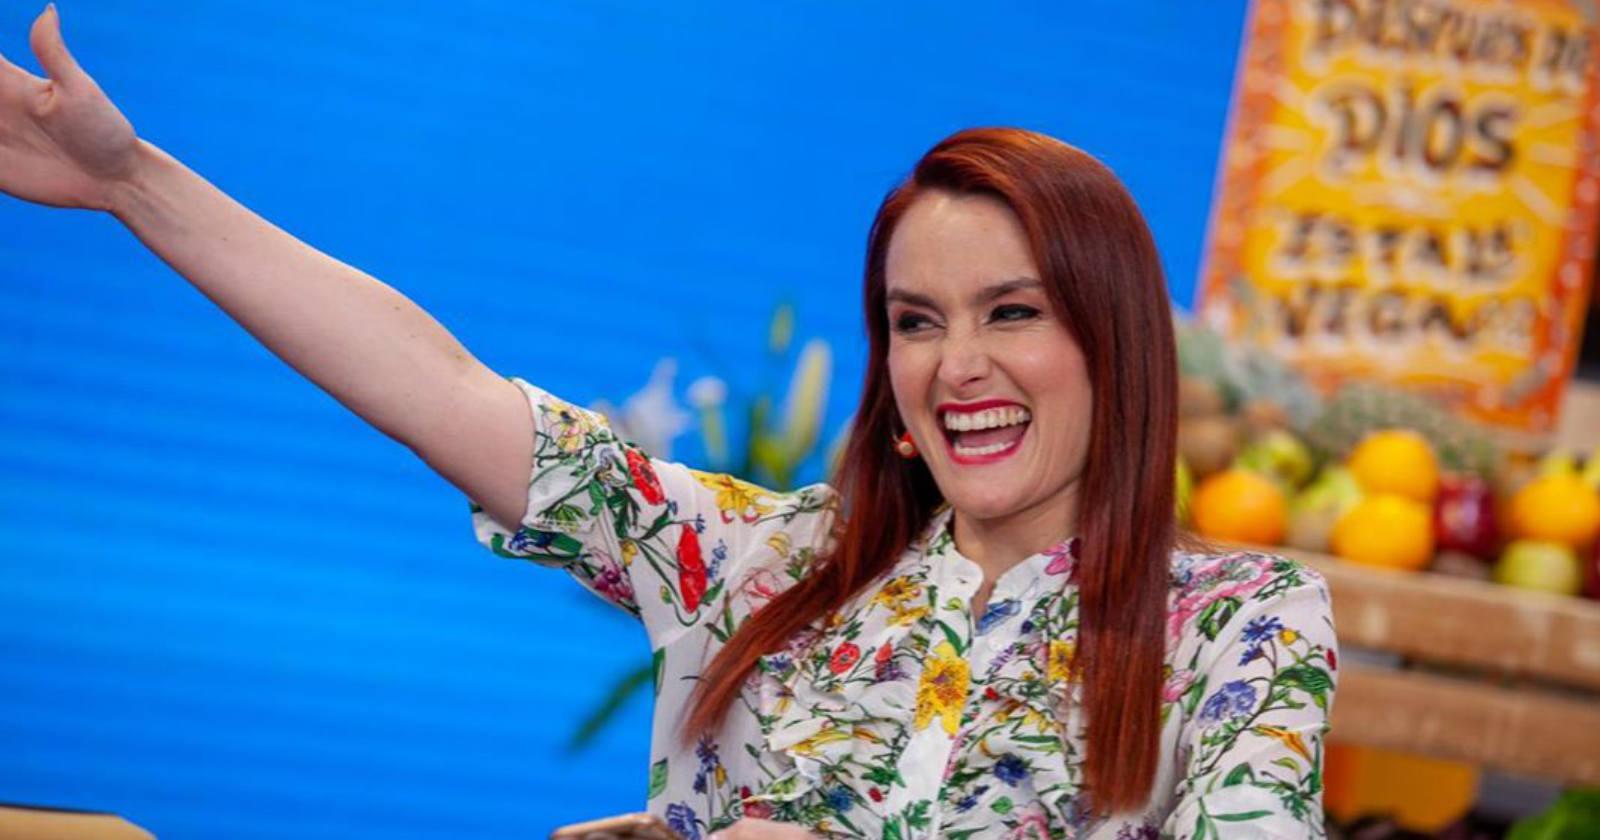 """""""Con esta sonrisa me despido"""": Begoña Basauri anuncia su salida del Mucho Gusto"""